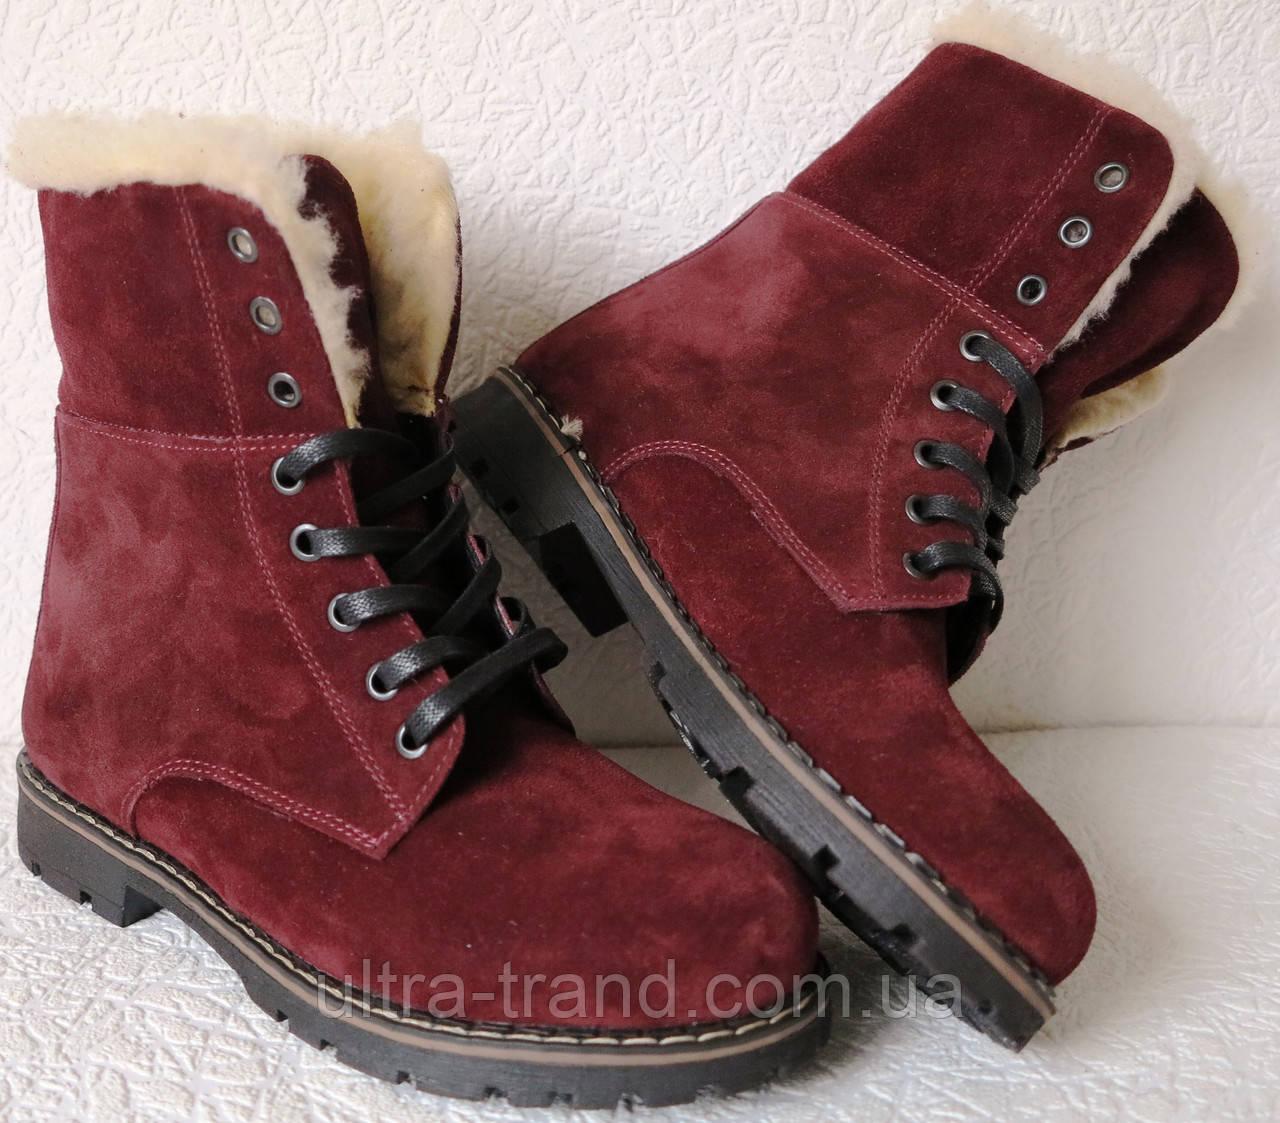 Стильные женские зимние ботинки  Timberland замш марсала